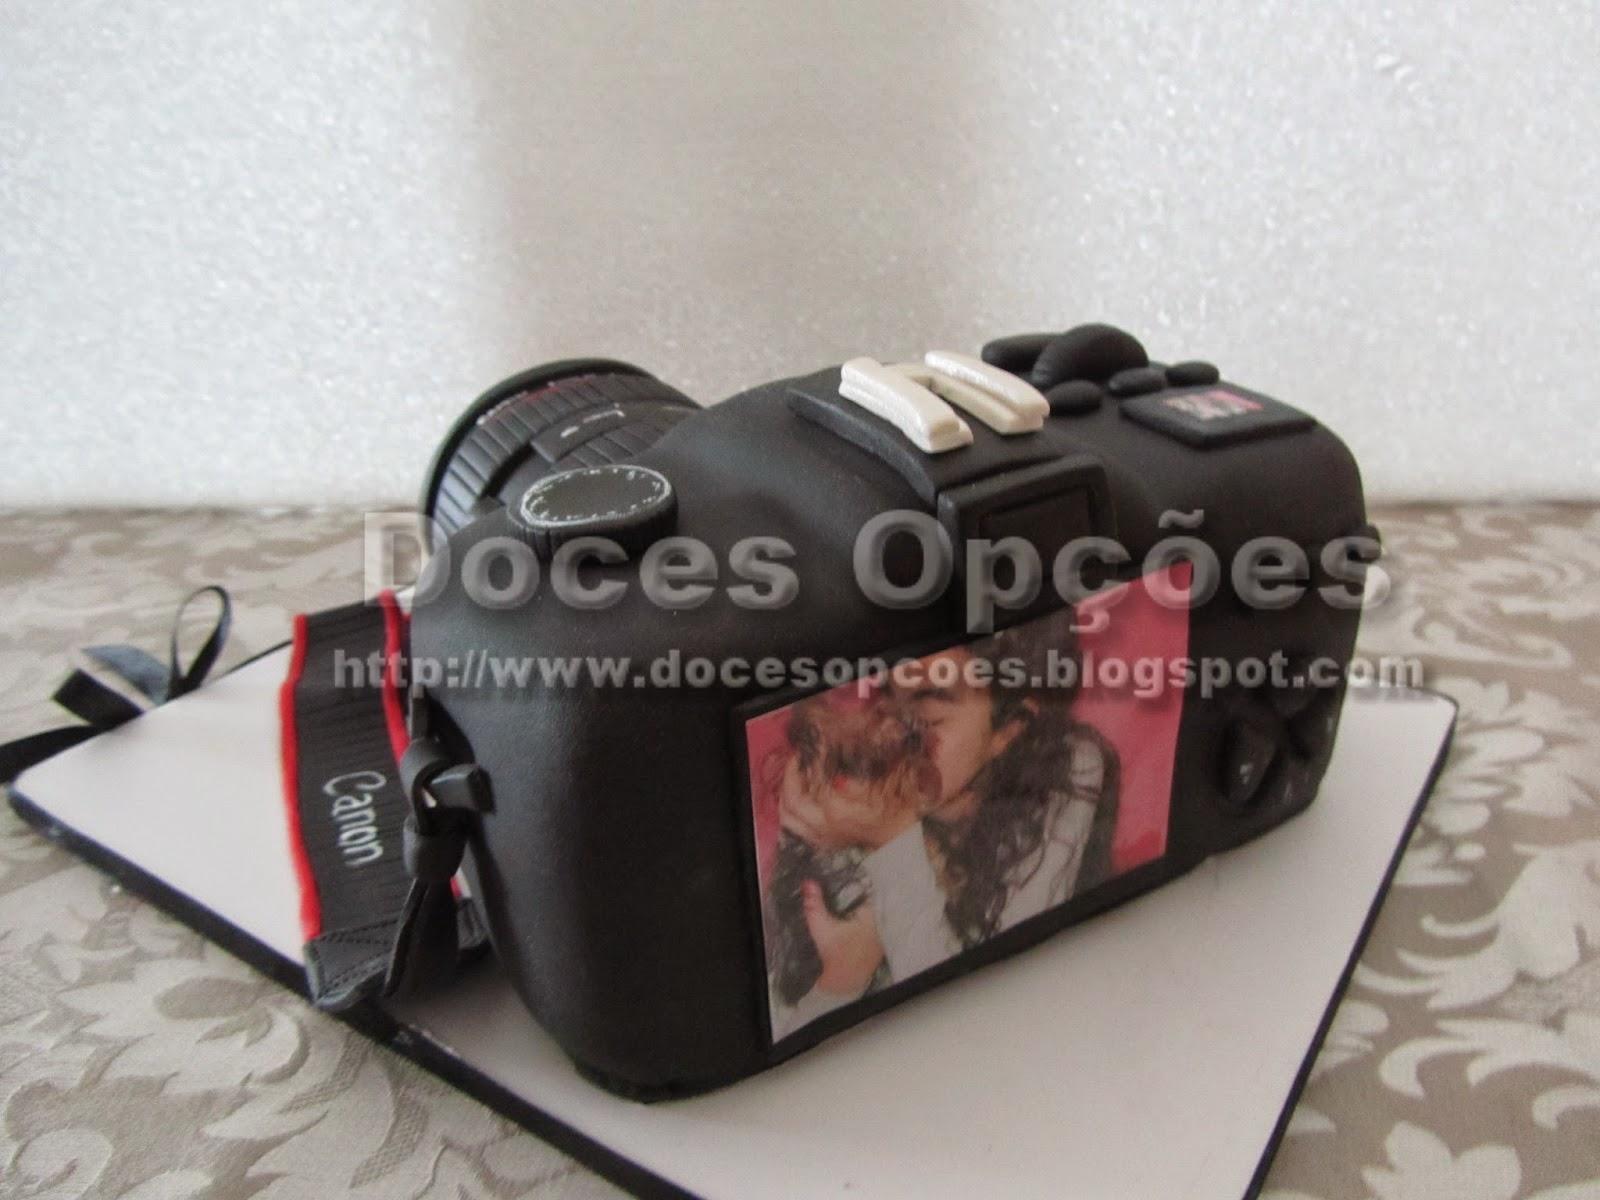 bolo aniversário bragança Máquina fotográfica